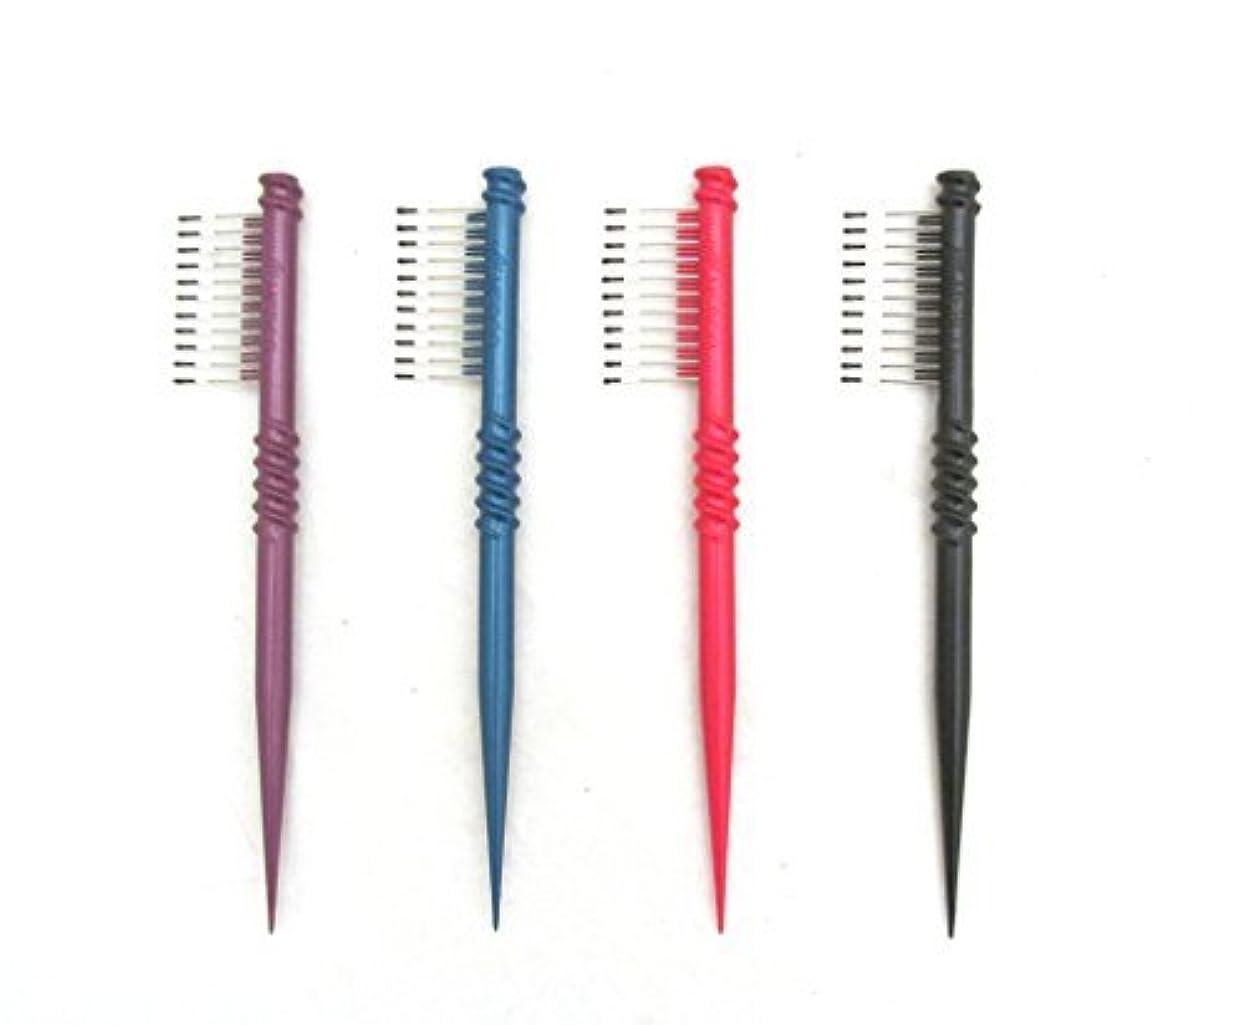 なめらかテーマ発明MEBCO 8  Touch-Up Comb (Model: TH1) - Get all 4 colors, Detangler, hair brush, hair comb, pick, pik, pulls out...